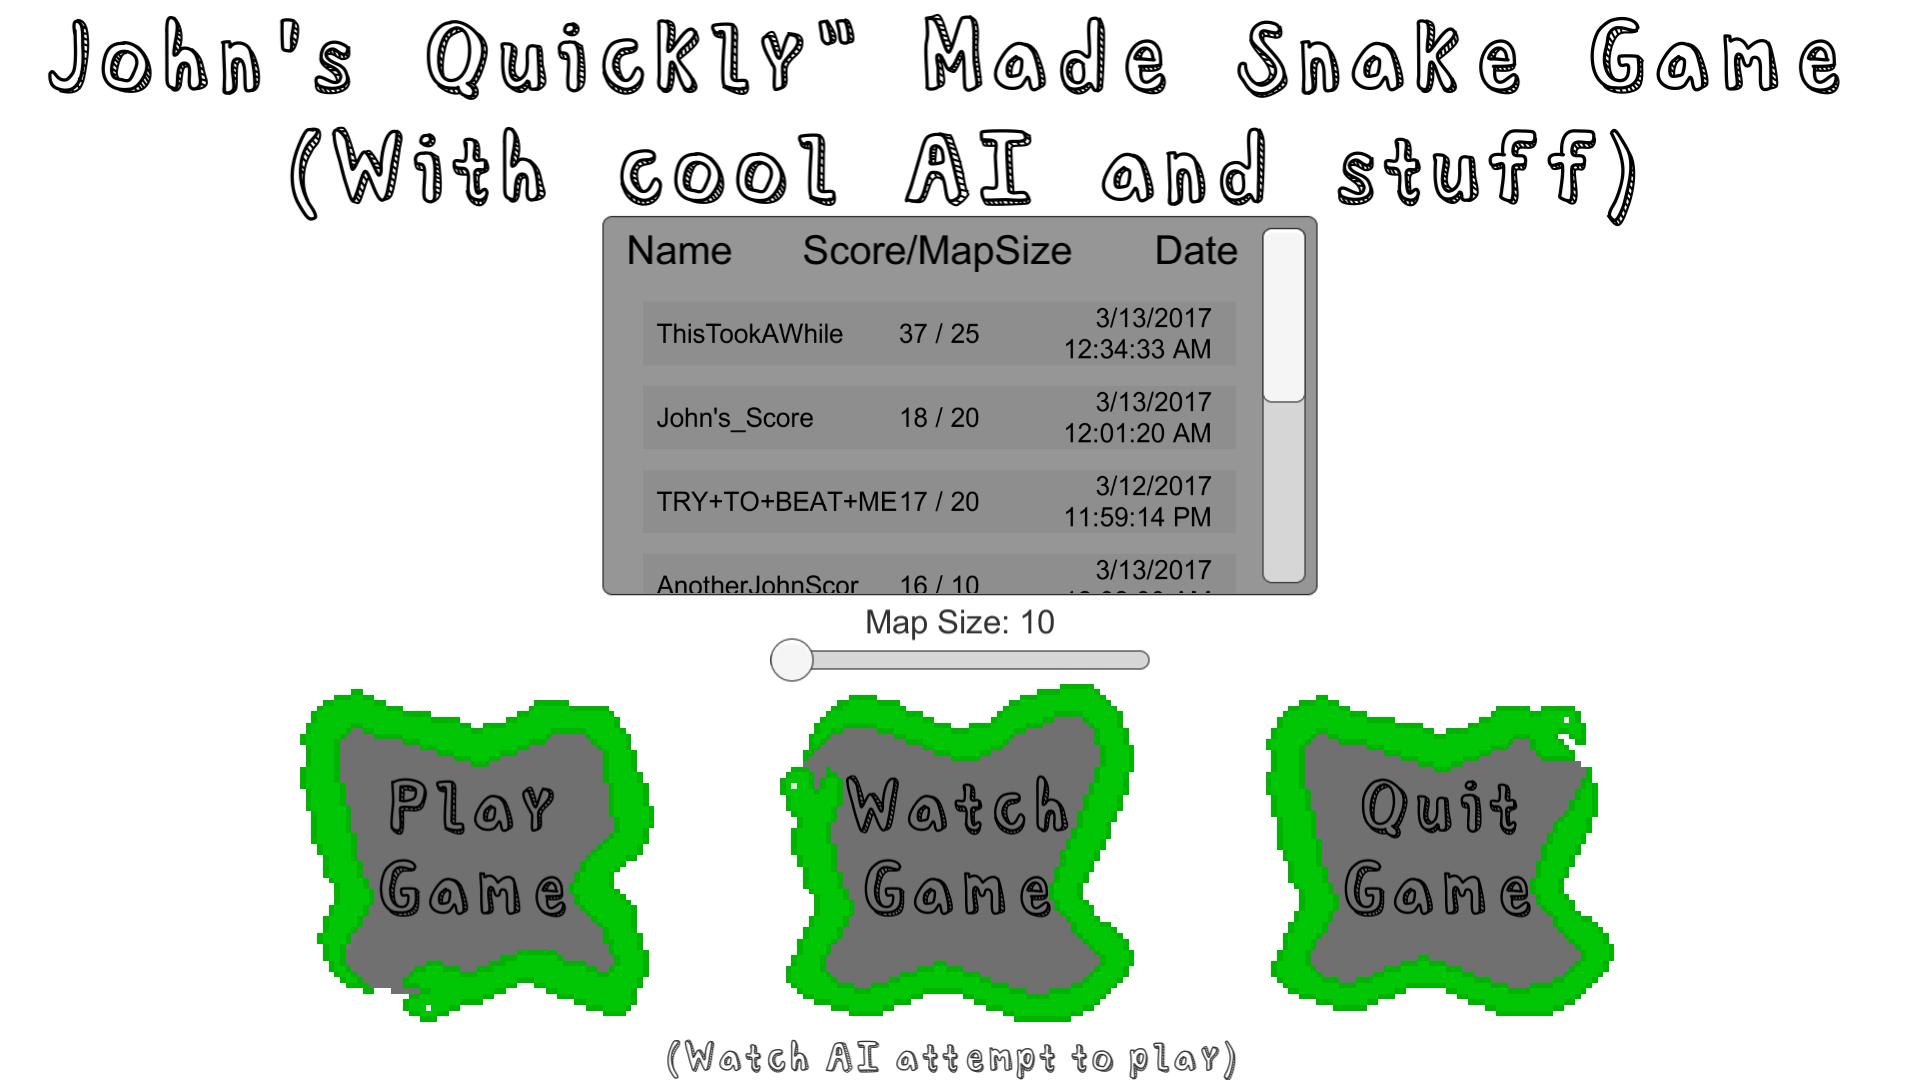 John's Snake Game